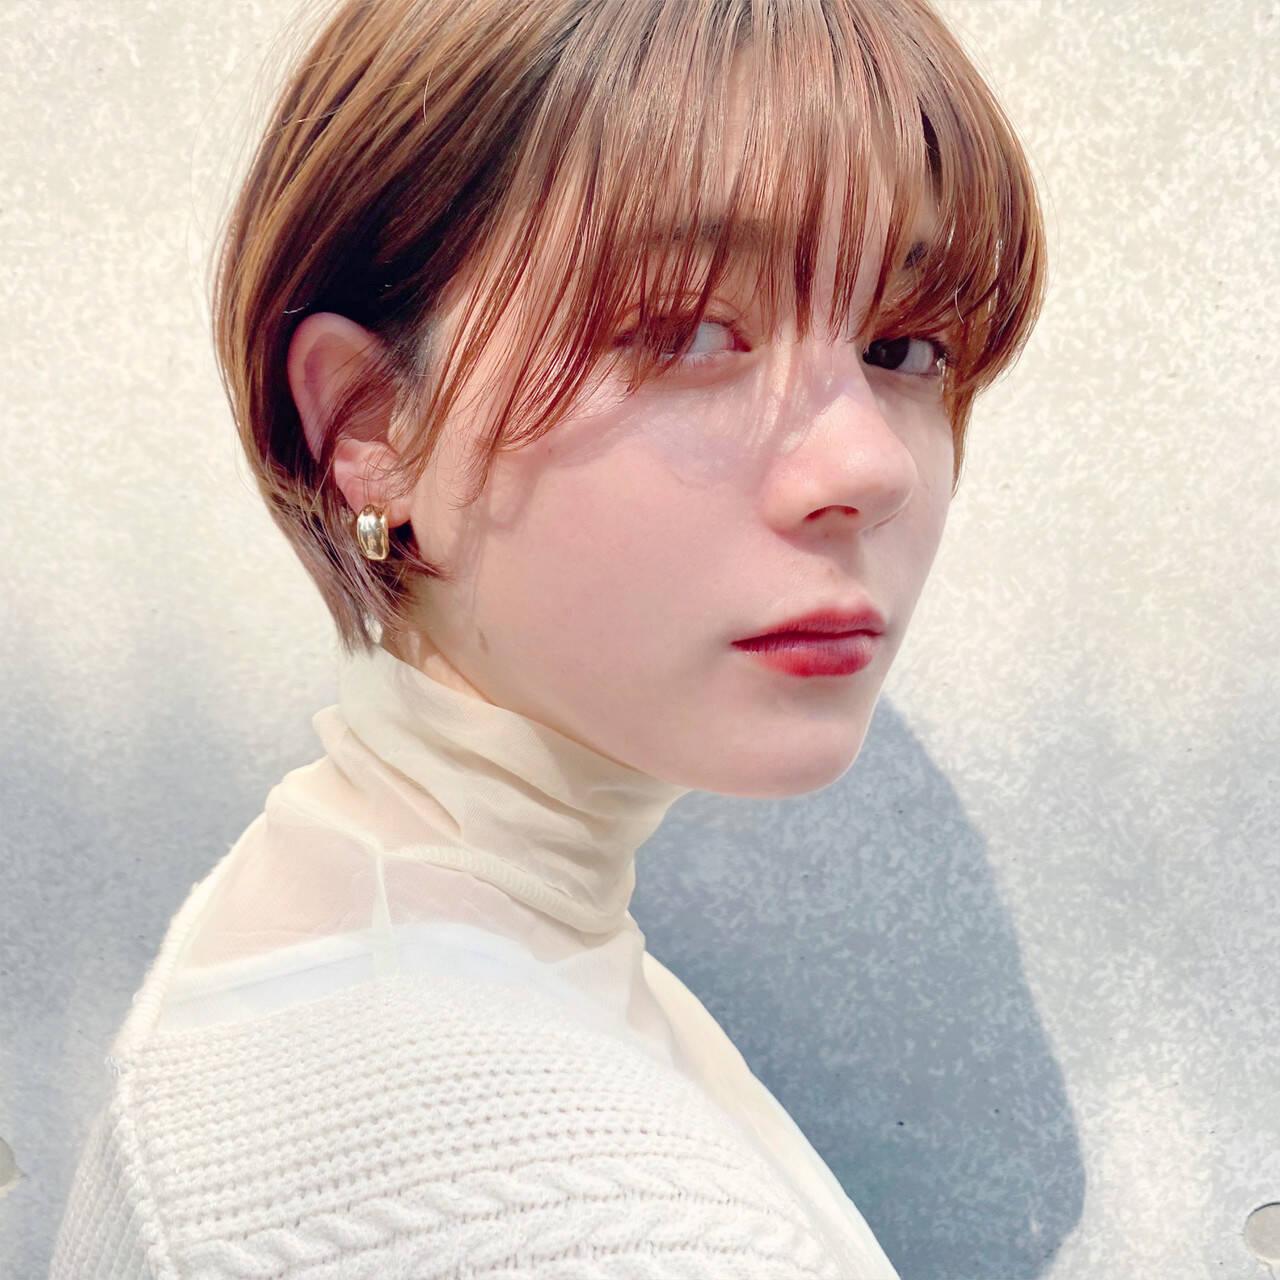 マッシュショート ミニボブ ショートボブ ナチュラルヘアスタイルや髪型の写真・画像